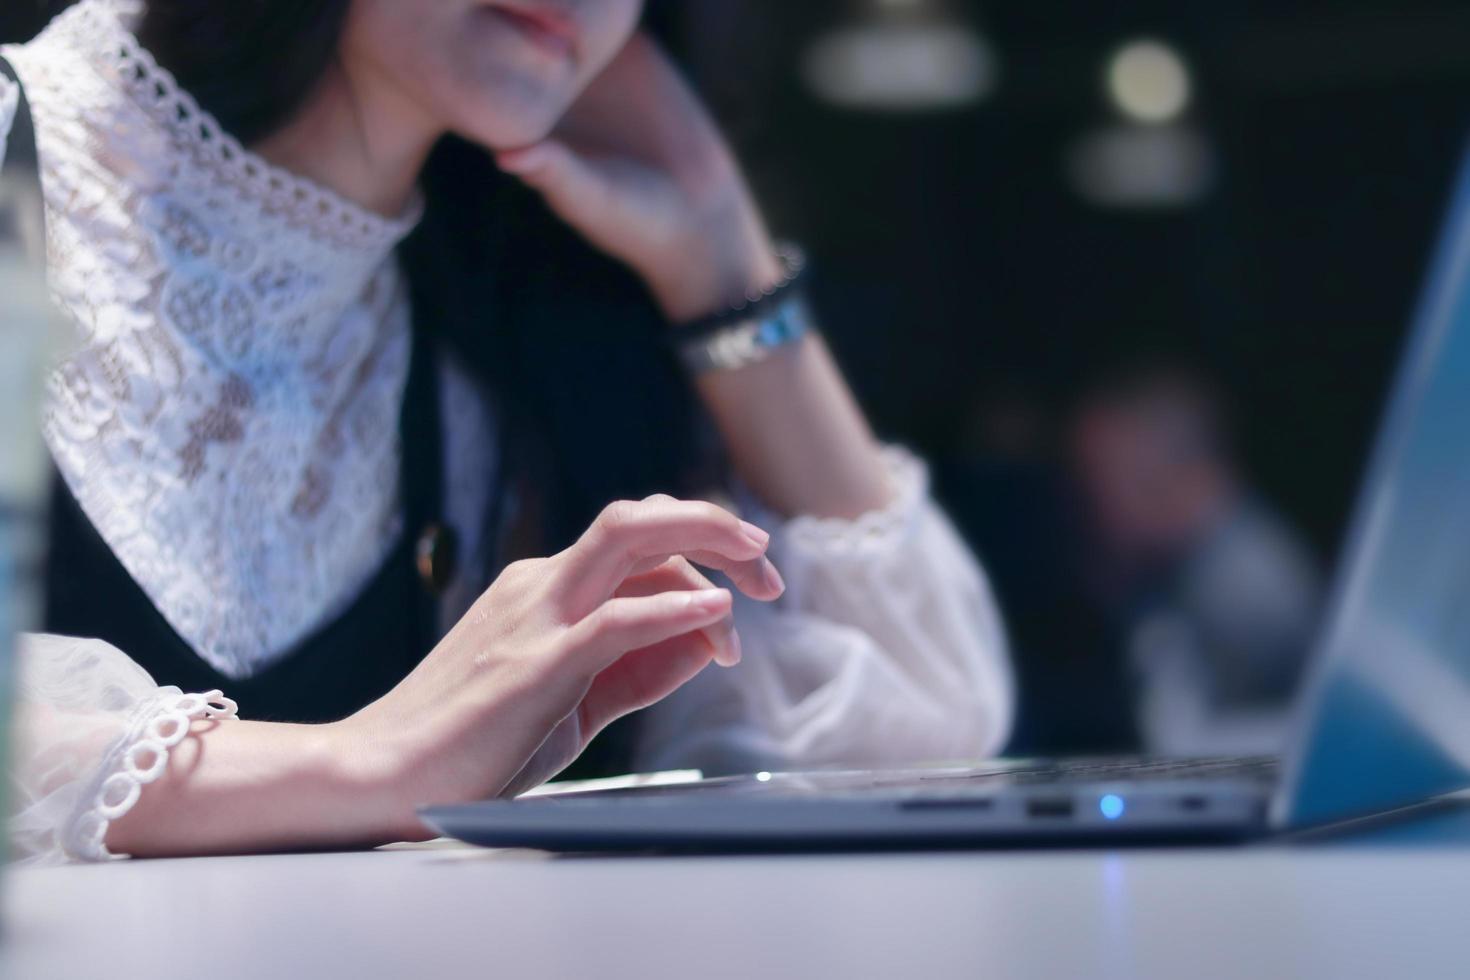 femme travaillant sur un ordinateur photo